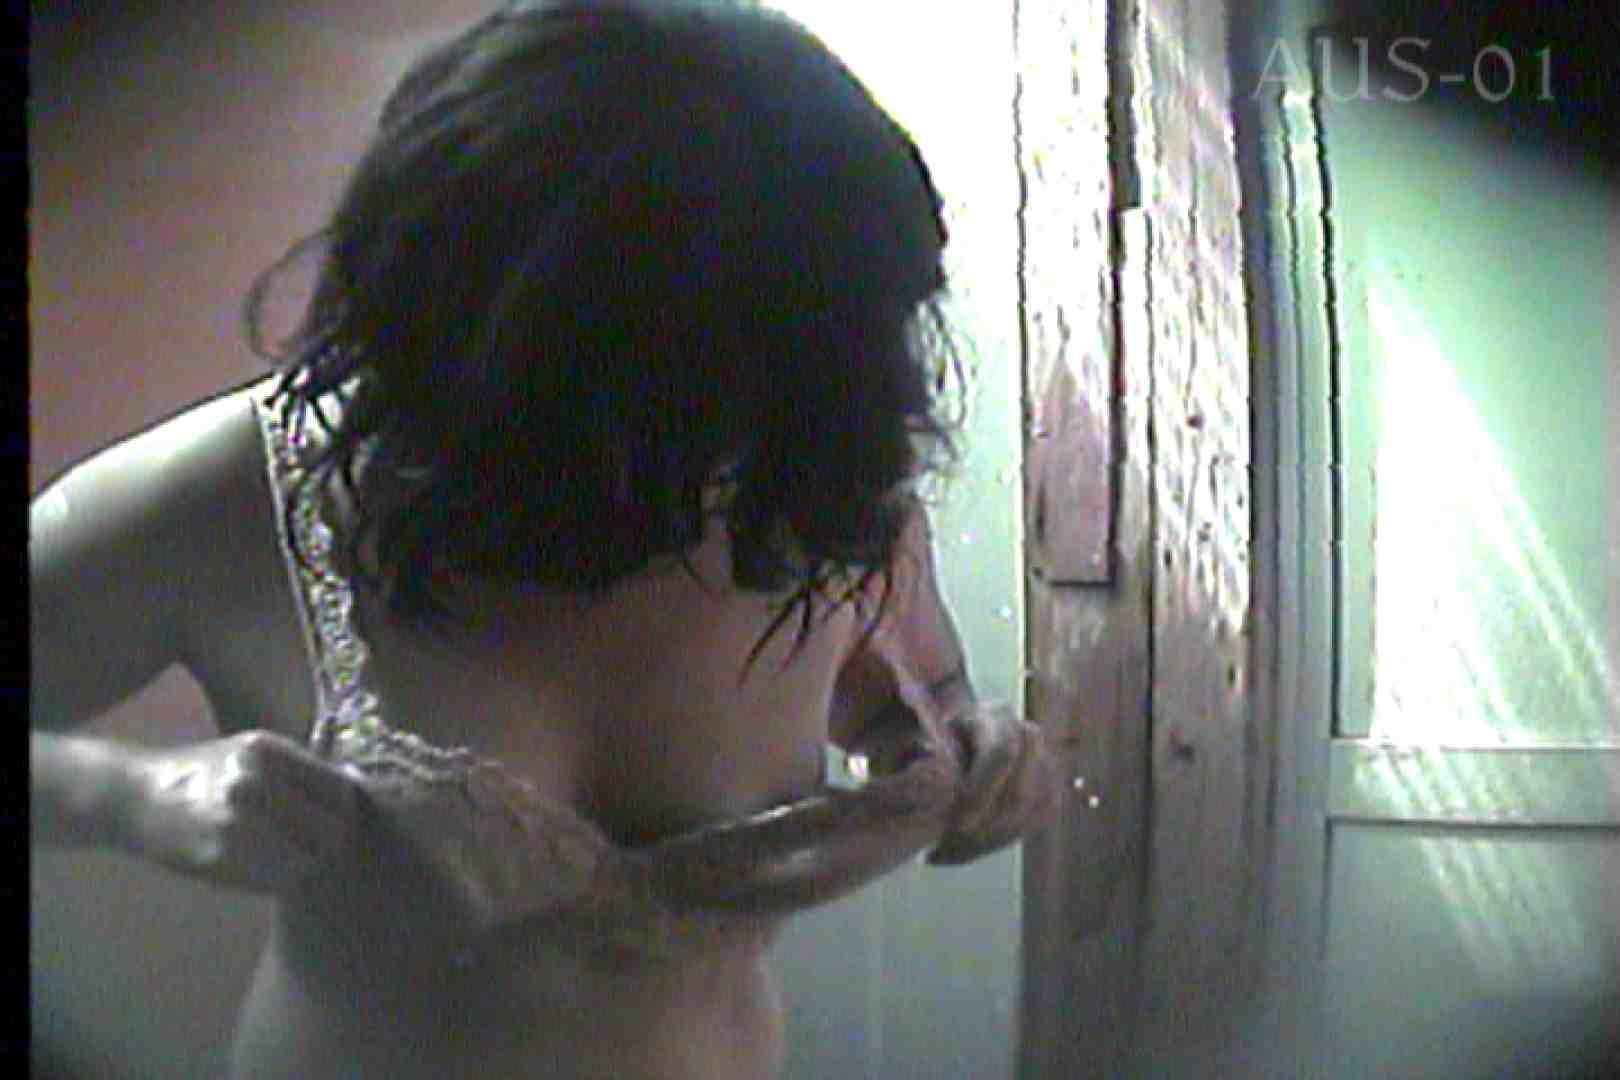 海の家の更衣室 Vol.03 シャワー エロ画像 82画像 53